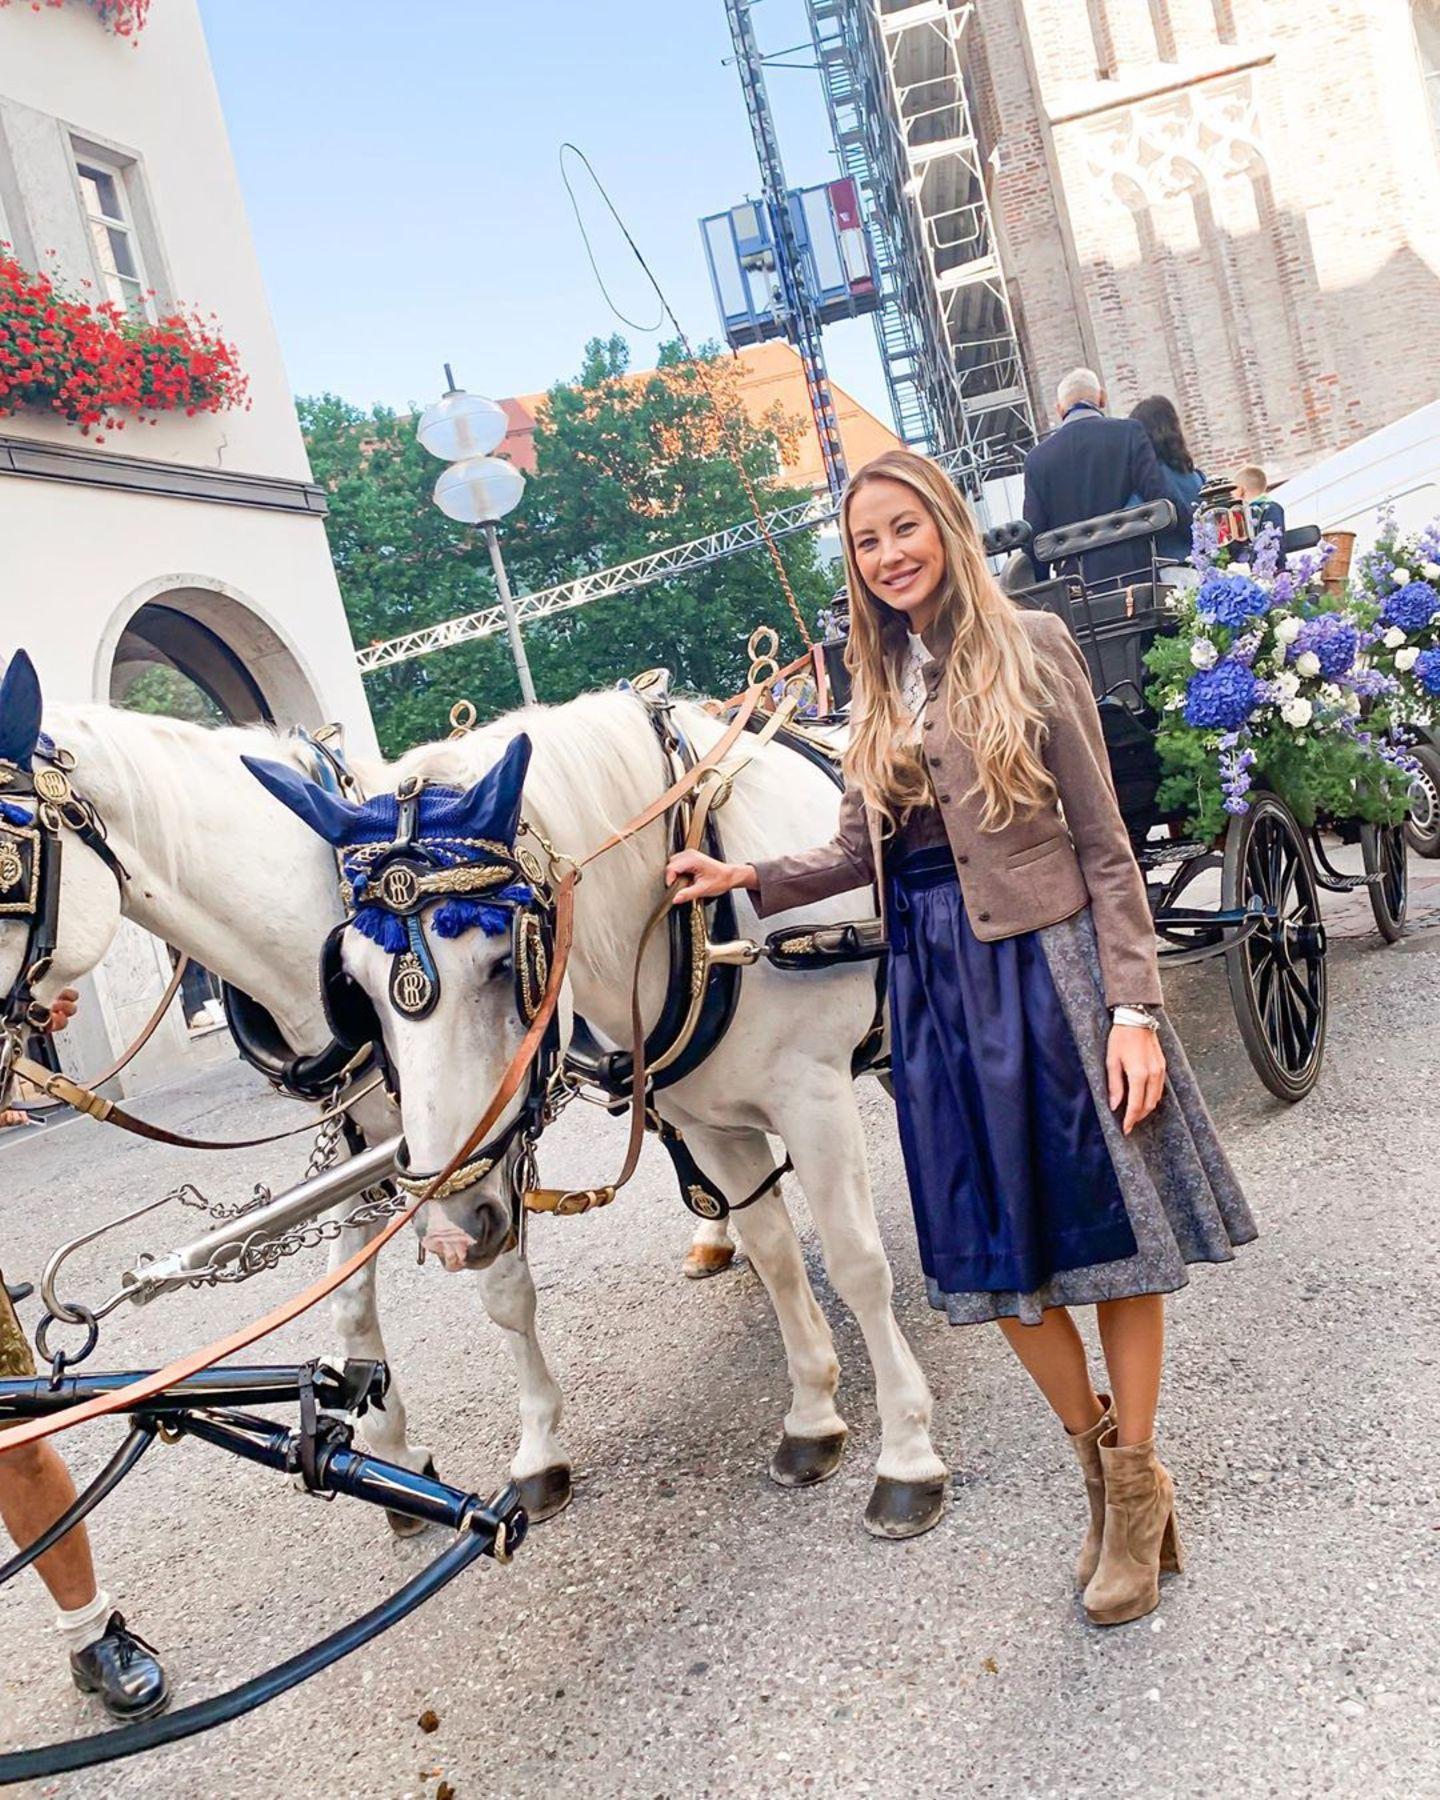 Das Dirndl vonAlessandra Meyer-Wölden passt farblich gut zu dem Kopfschmuck der Pferde und den Blumen an der Kutsche.